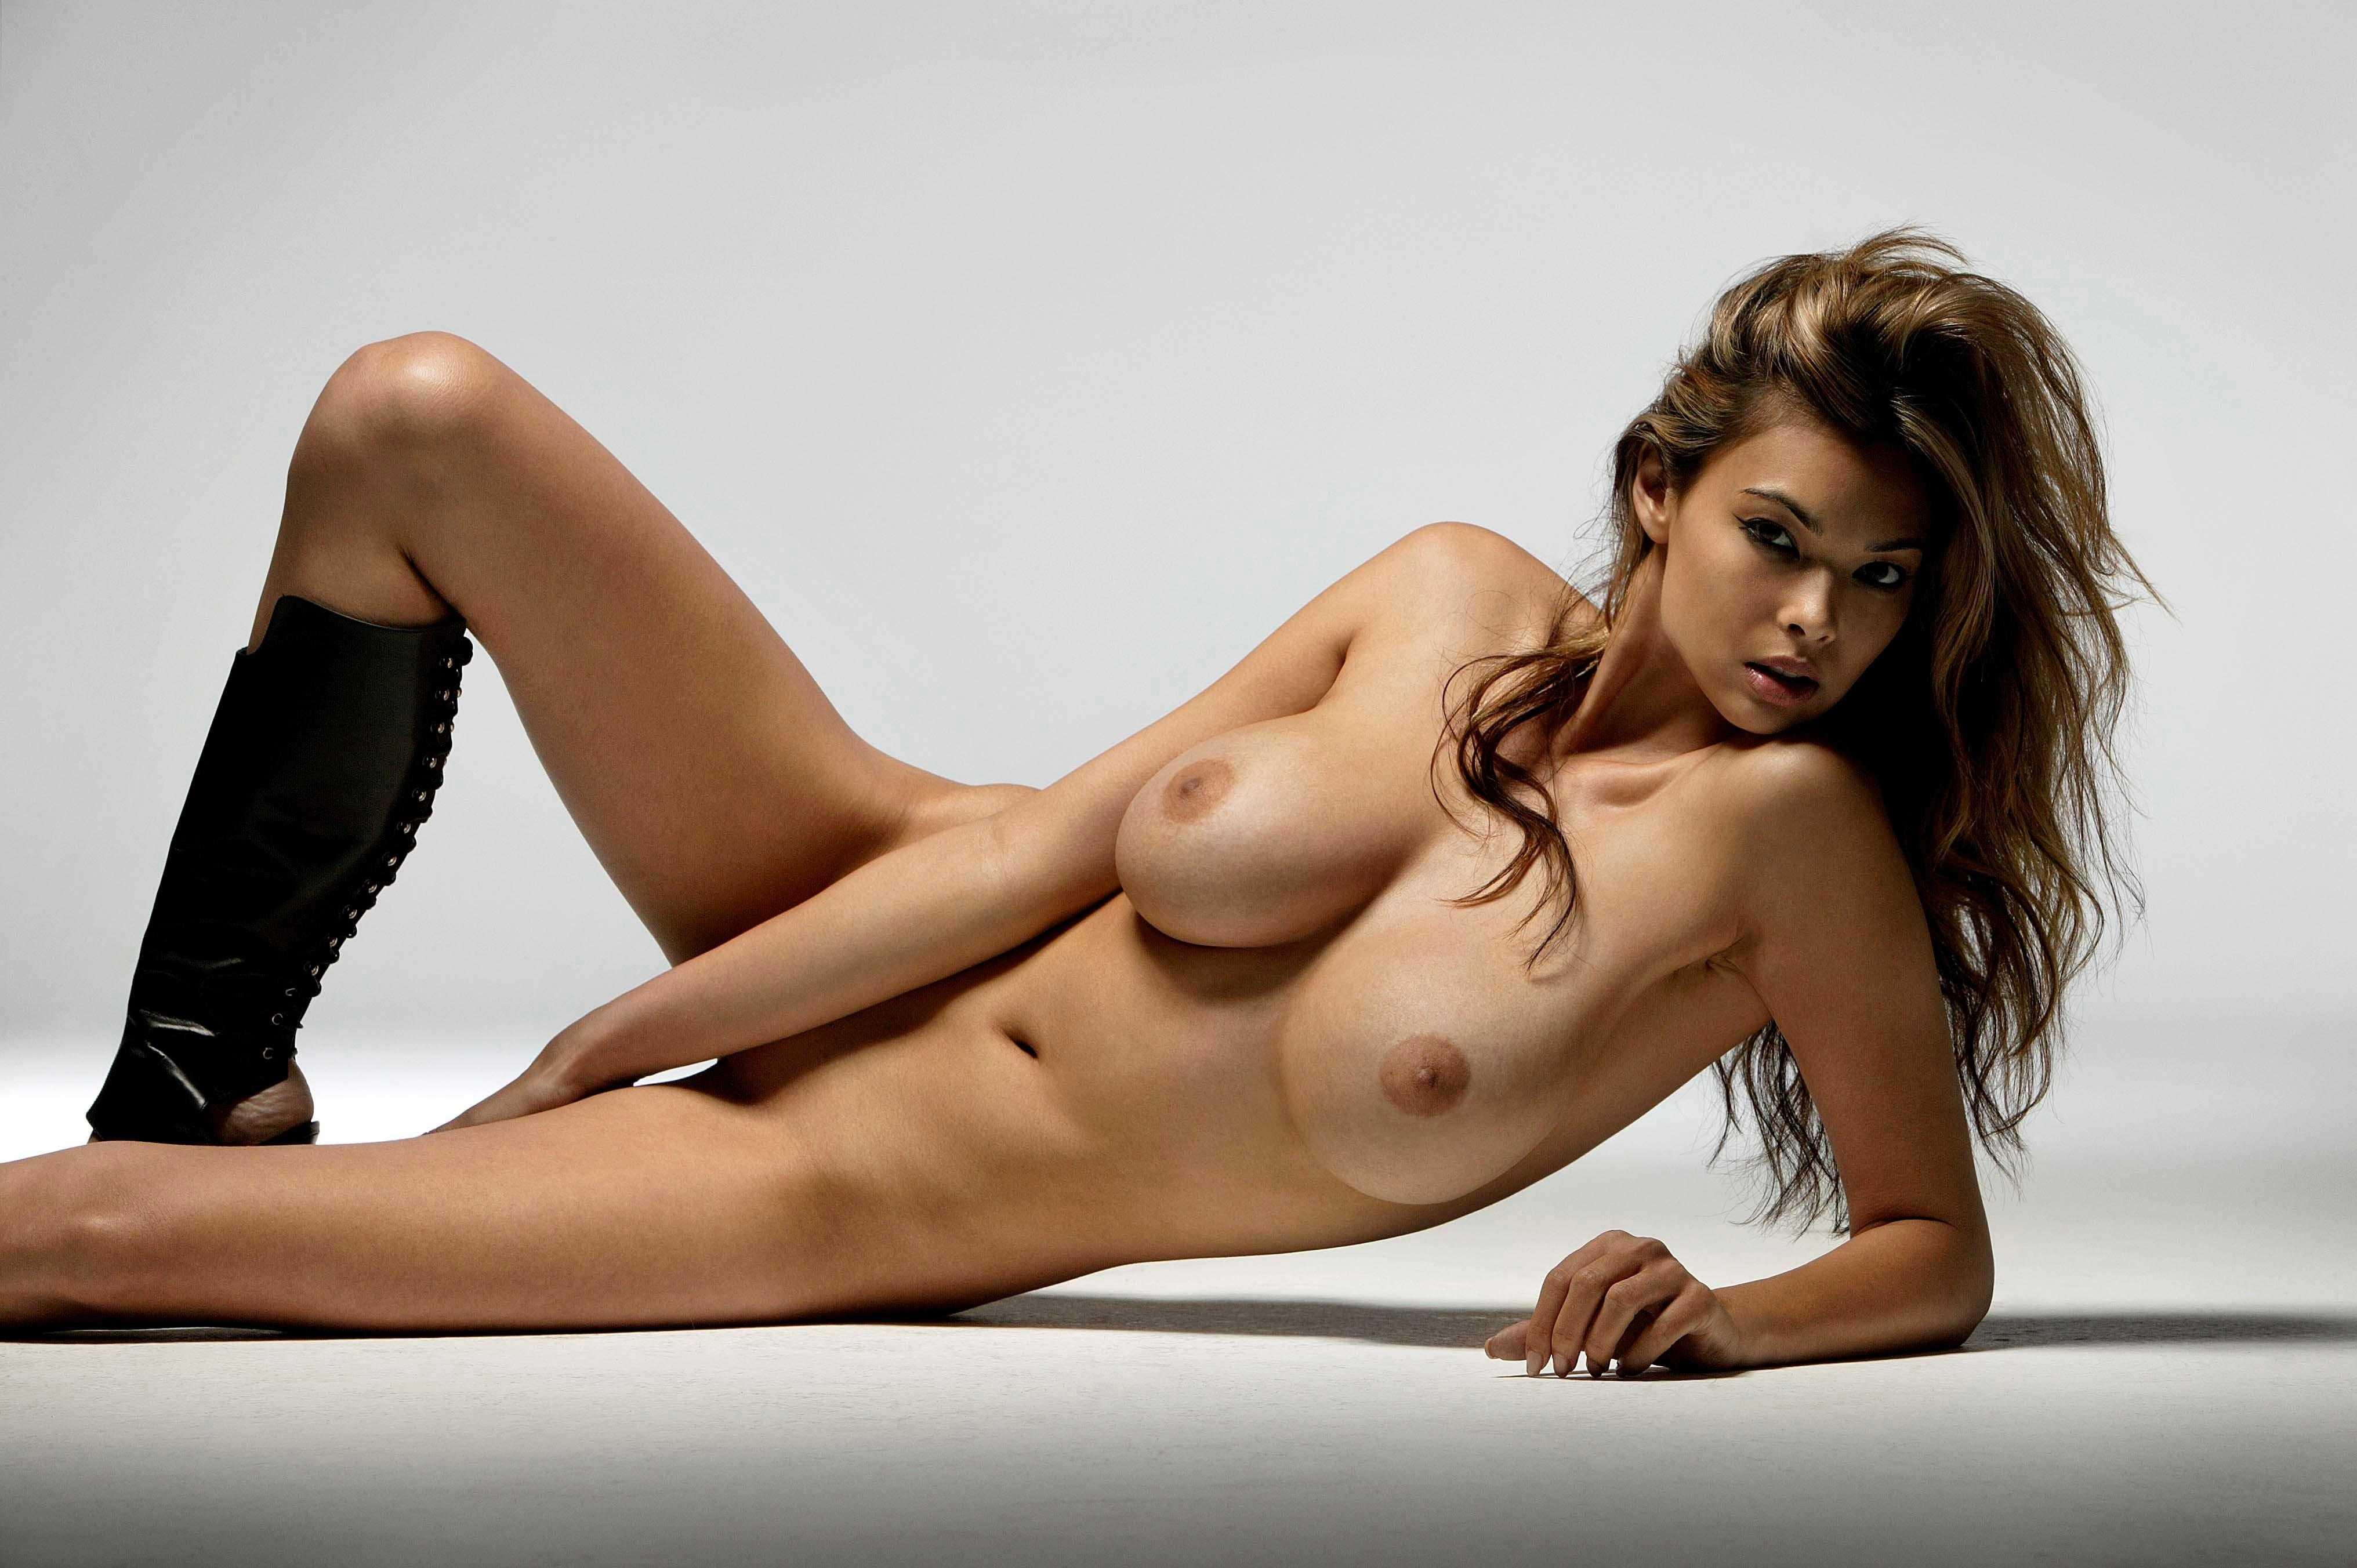 Tera recostada y desnuda